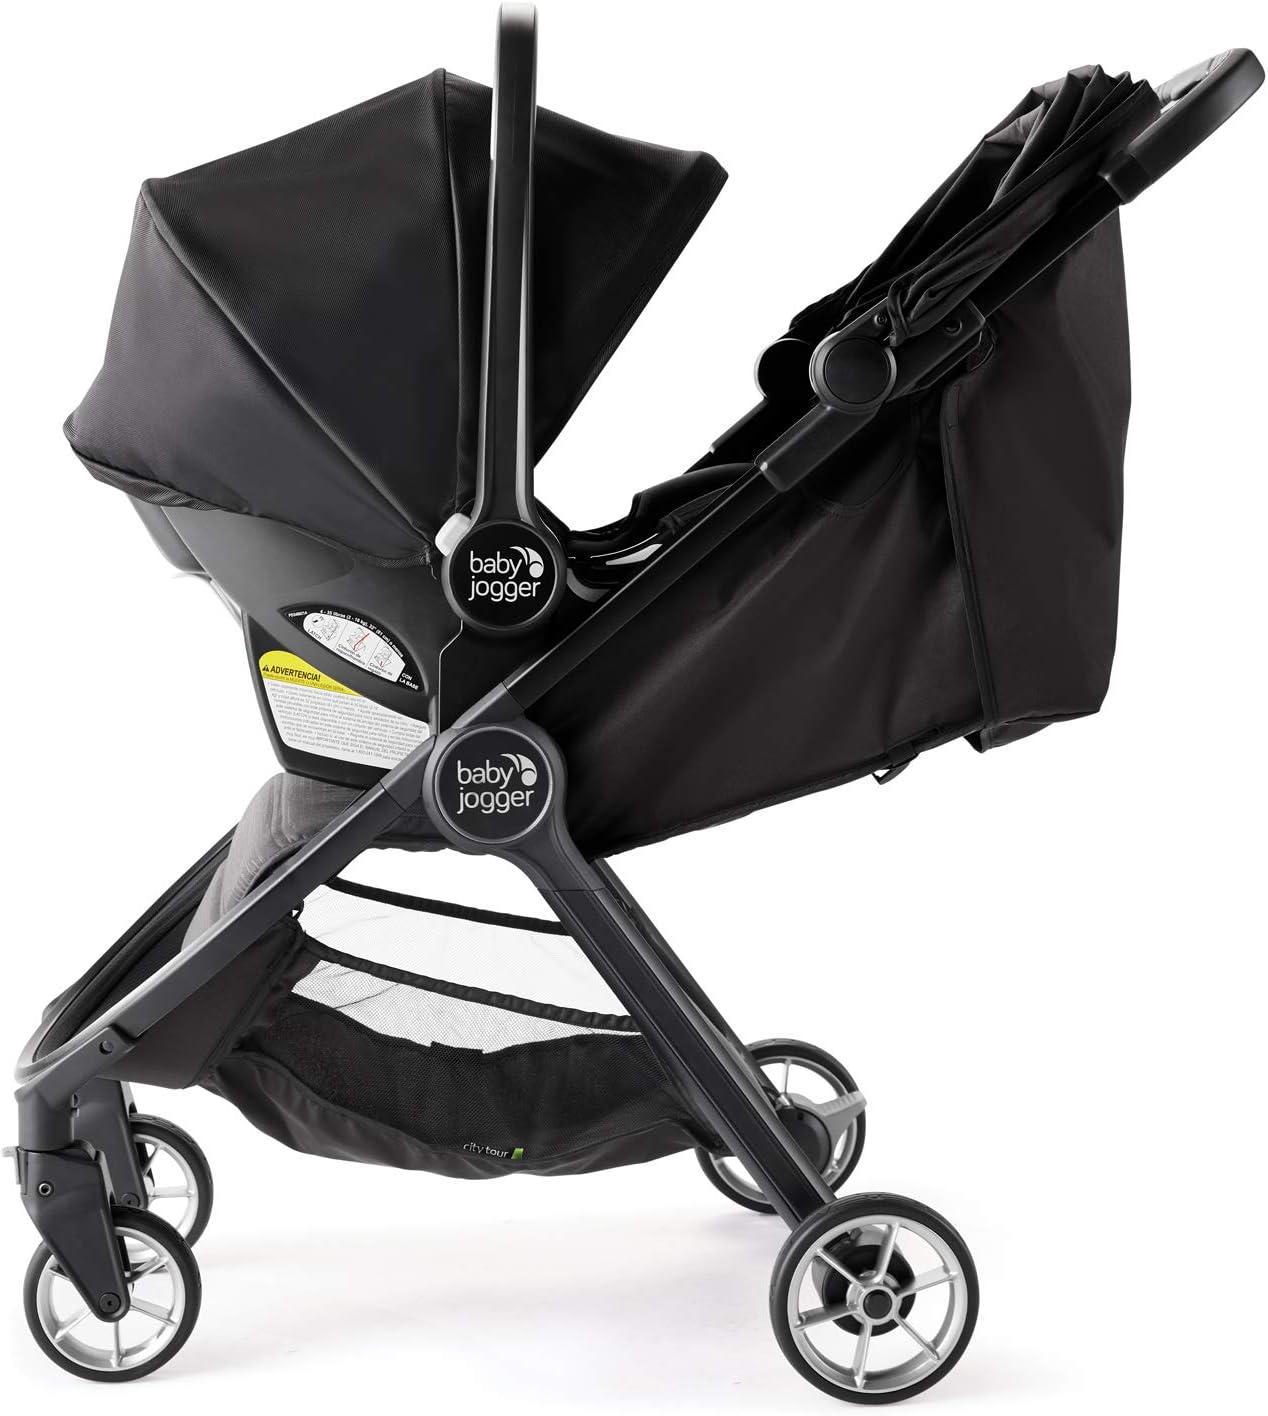 Adatador para City Tour2 Baby Jogger City Go I-size BJ0198270390